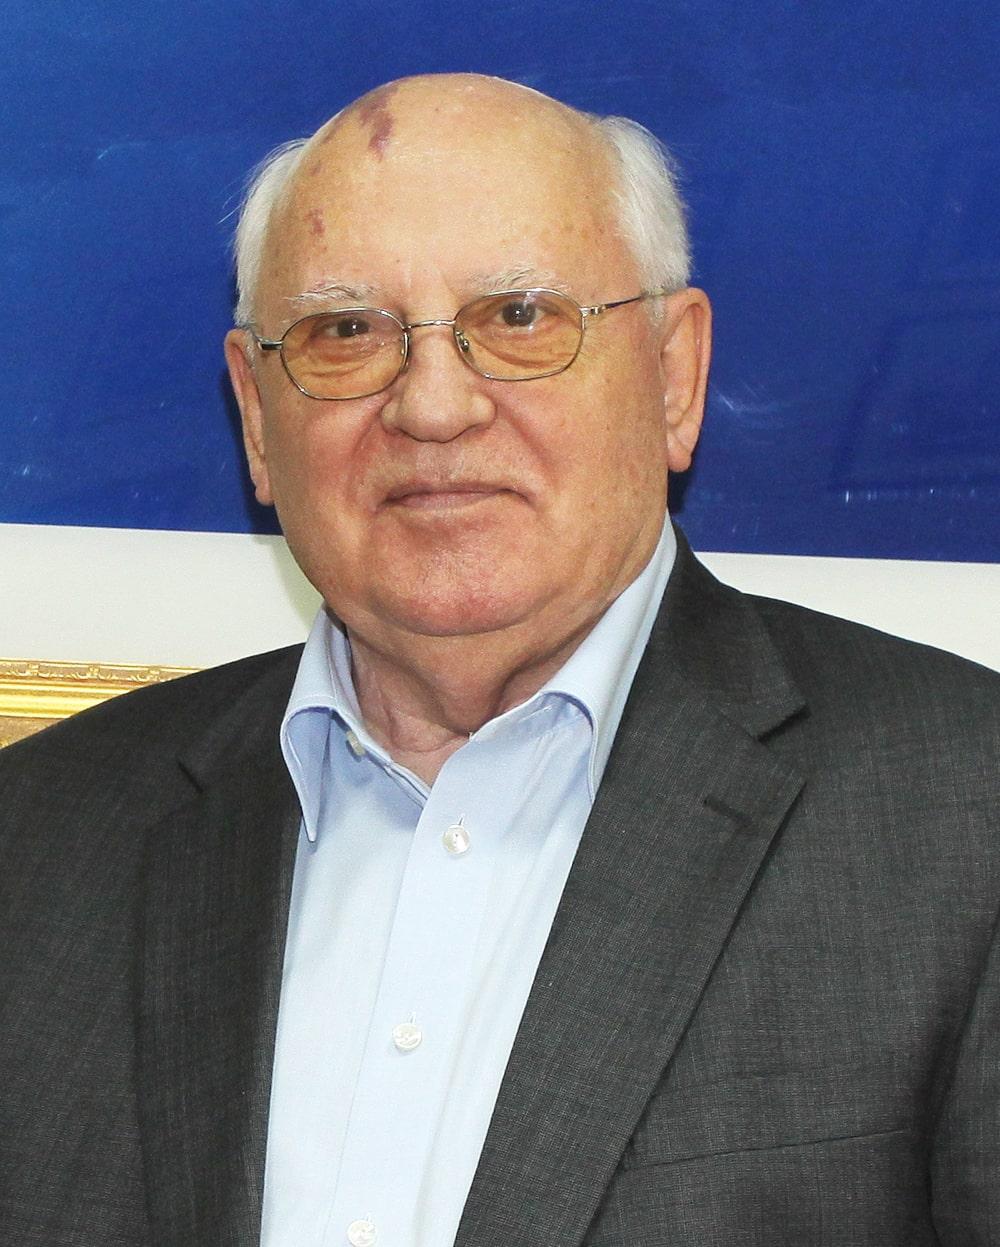 Mihail-Sergeevich-Gorbachyov-2010-god